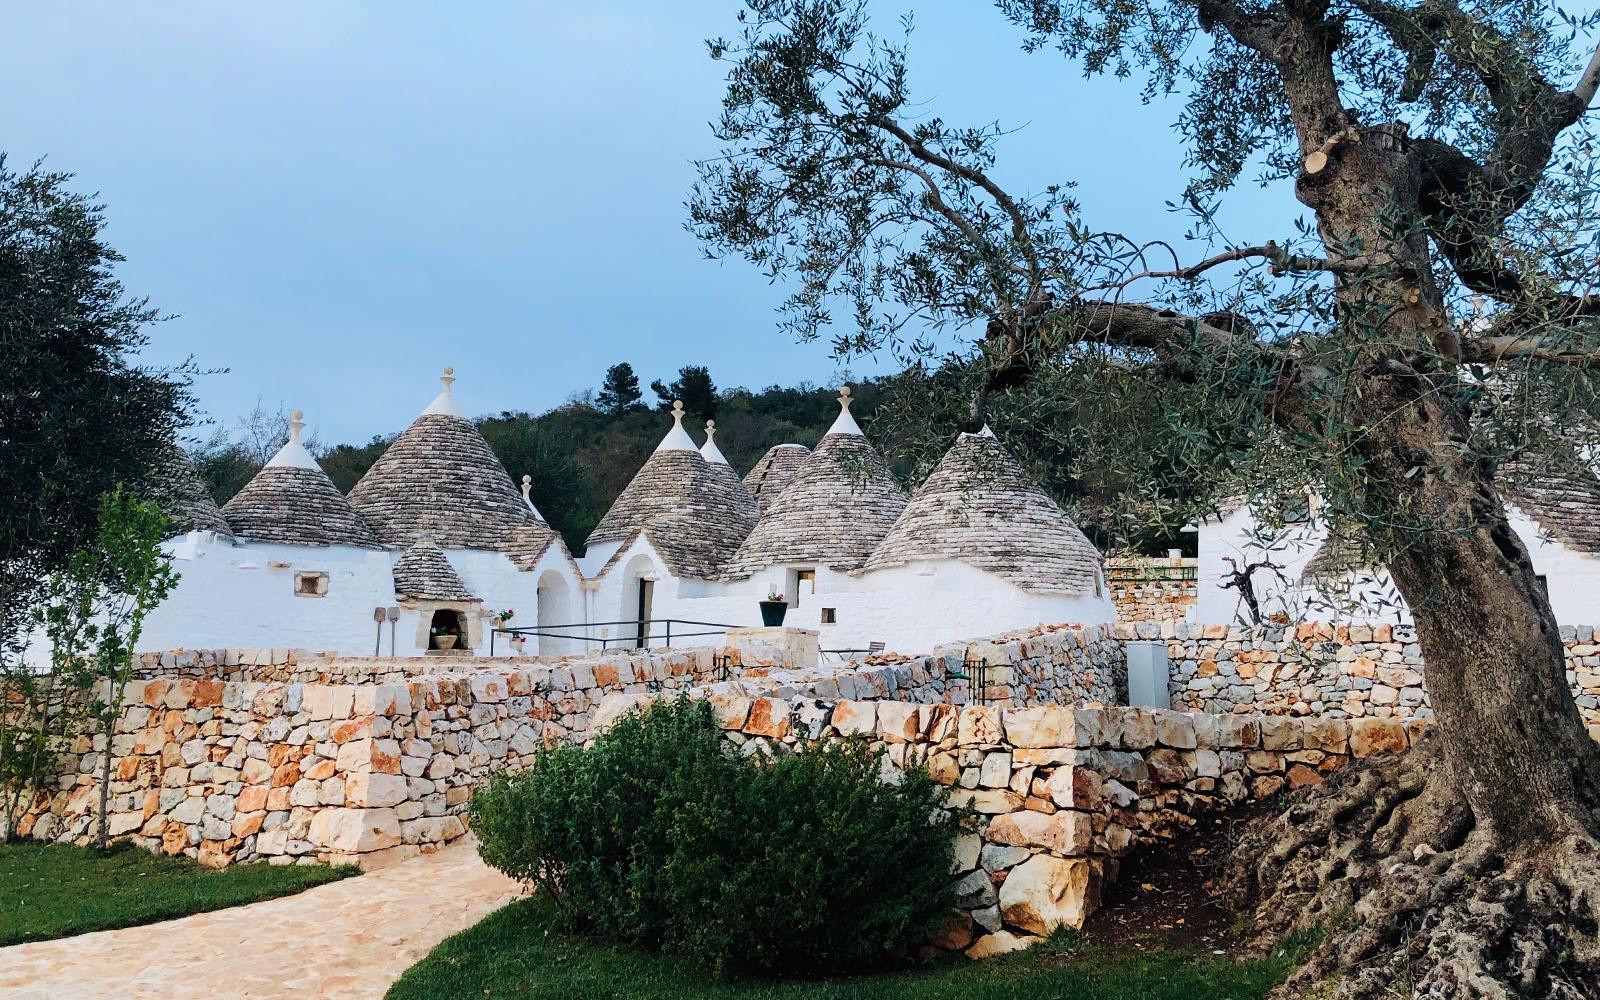 Uno dei paesaggi iconici della Valle d'Itria, in Puglia.